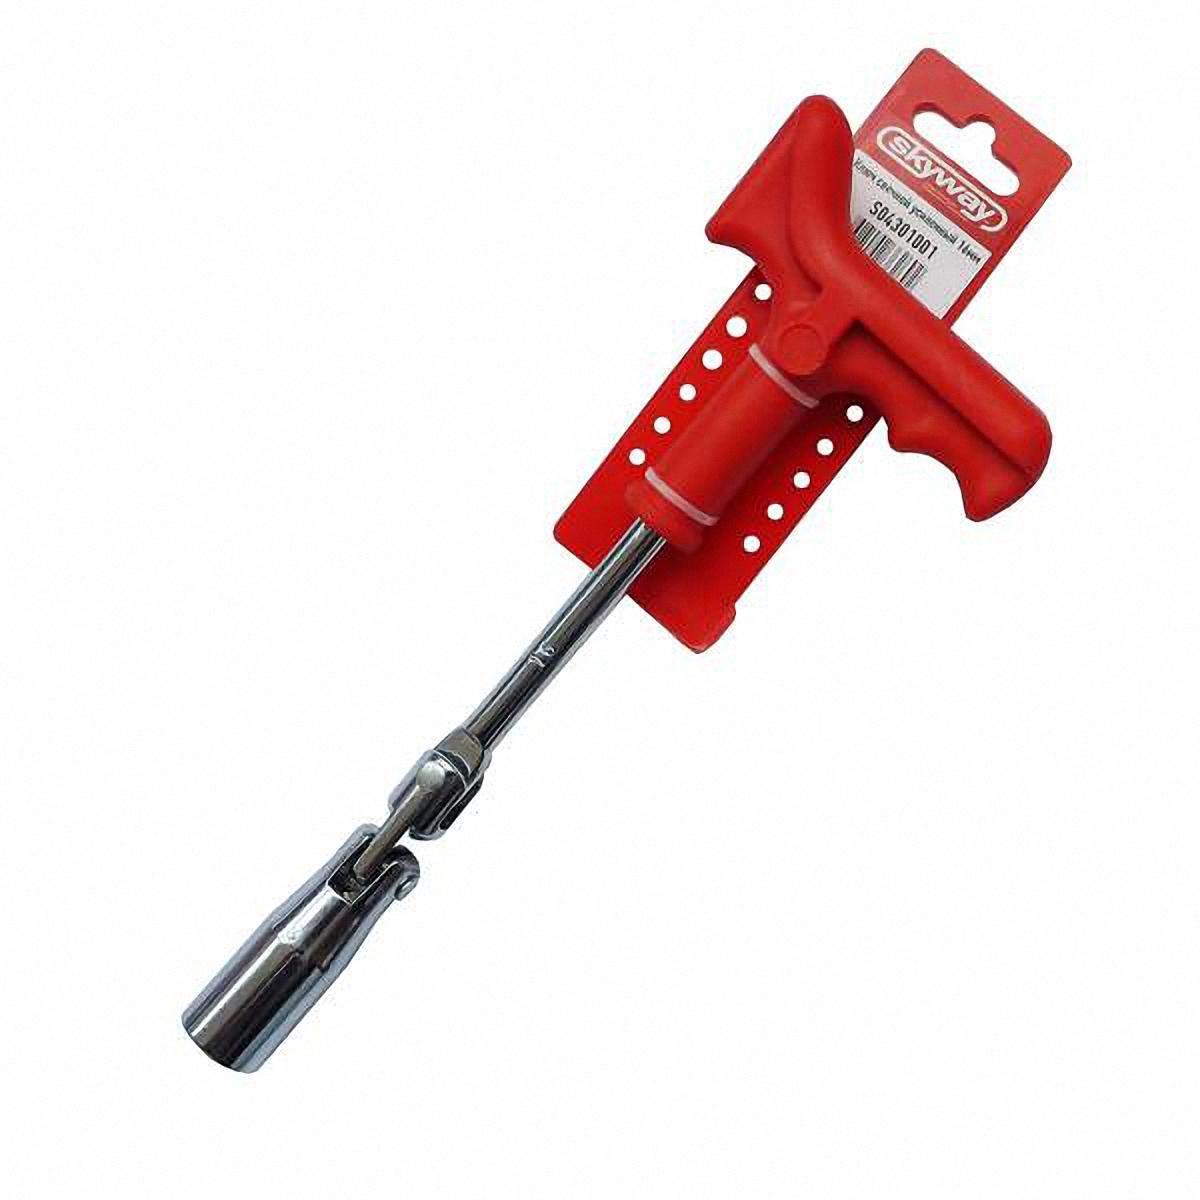 Ключ свечной Skyway, с карданом, усиленный, 16 ммS04301001Ключ свечной Skyway с карданом, усиленный, предназначендля снятия и установки свечей зажигания двигателейвнутреннего сгорания. Особенности:- Хромированная поверхность препятствует появлениюржавчины. - Оснащен Т-образной пластиковой рукояткой с удобнымзахватом.- Оснащен шарнирным механизмом, обеспечивающимвращение зева относительнорукоятки под переменным углом благодаря подвижномусоединению звеньев. Диаметр шестигранной головки: 16 мм.Общая длина ключа: 260 мм.Размах Т-образной ручки: 95 мм.Длина T-образной ручки: 165 мм. Уважаемые клиенты! Обращаем ваше внимание на ассортимент товара. Поставкаосуществляется в зависимости от наличия на складе.